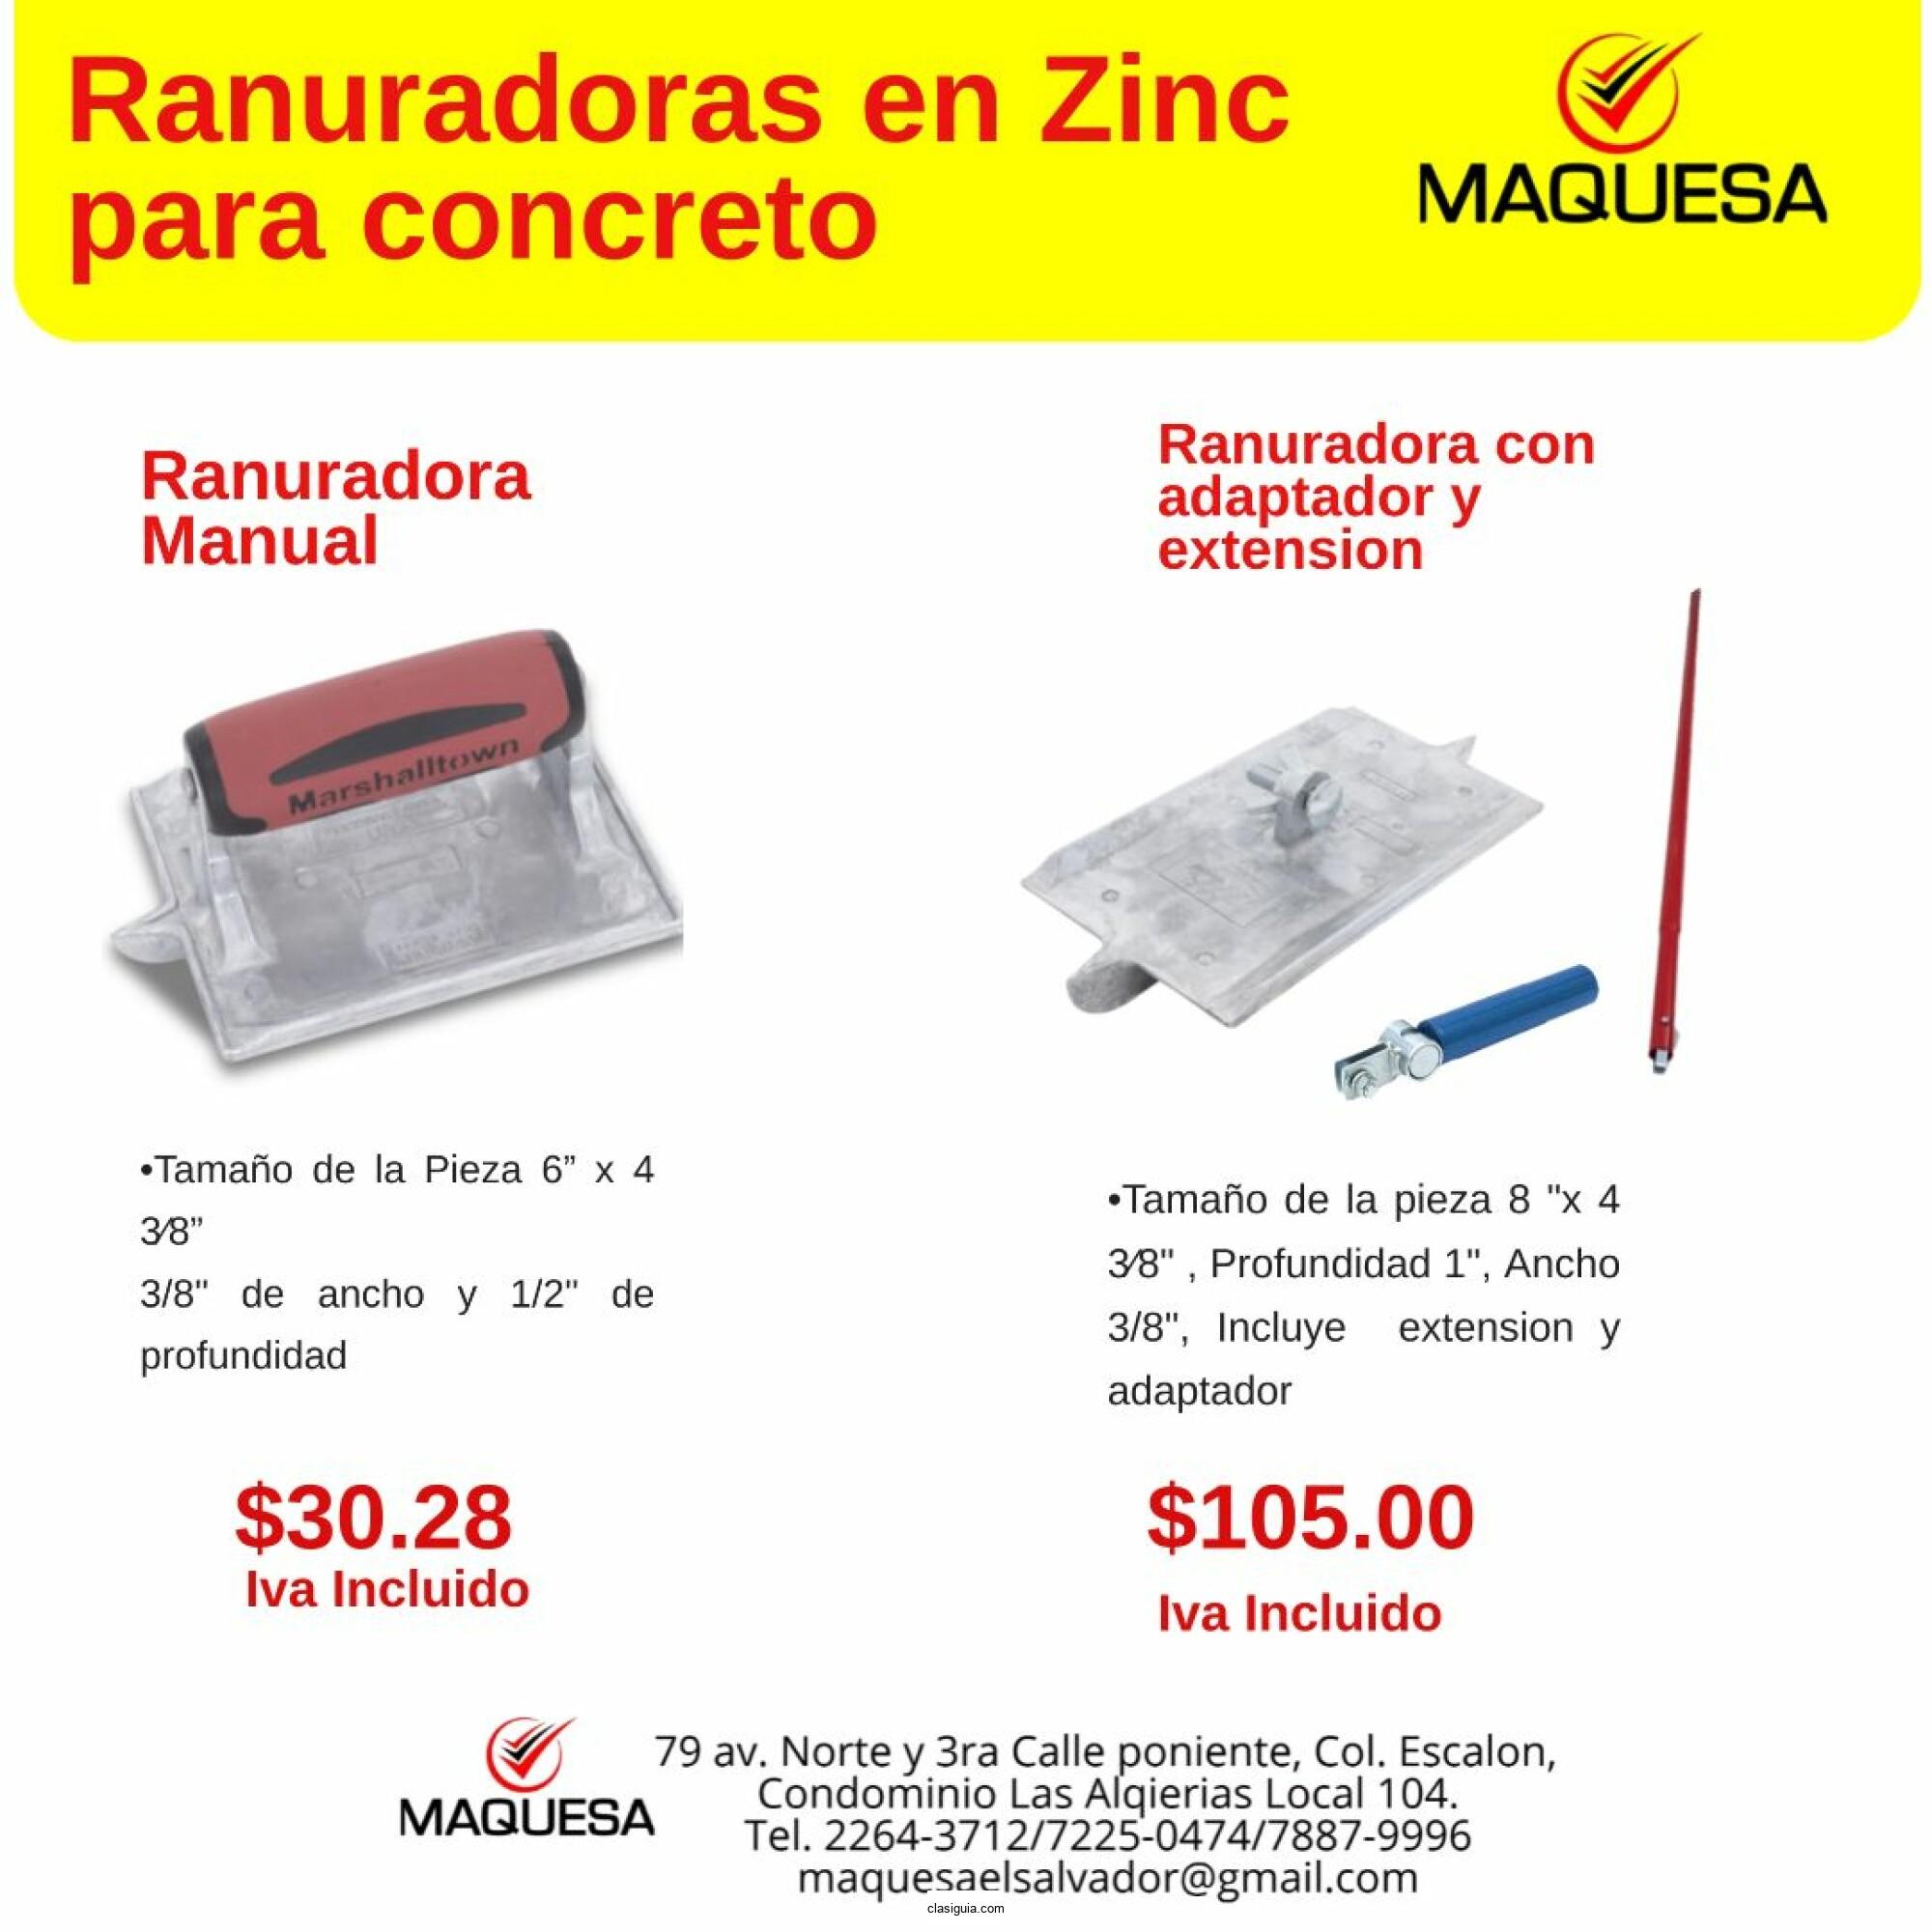 Rasuradora de Zinc para concreto